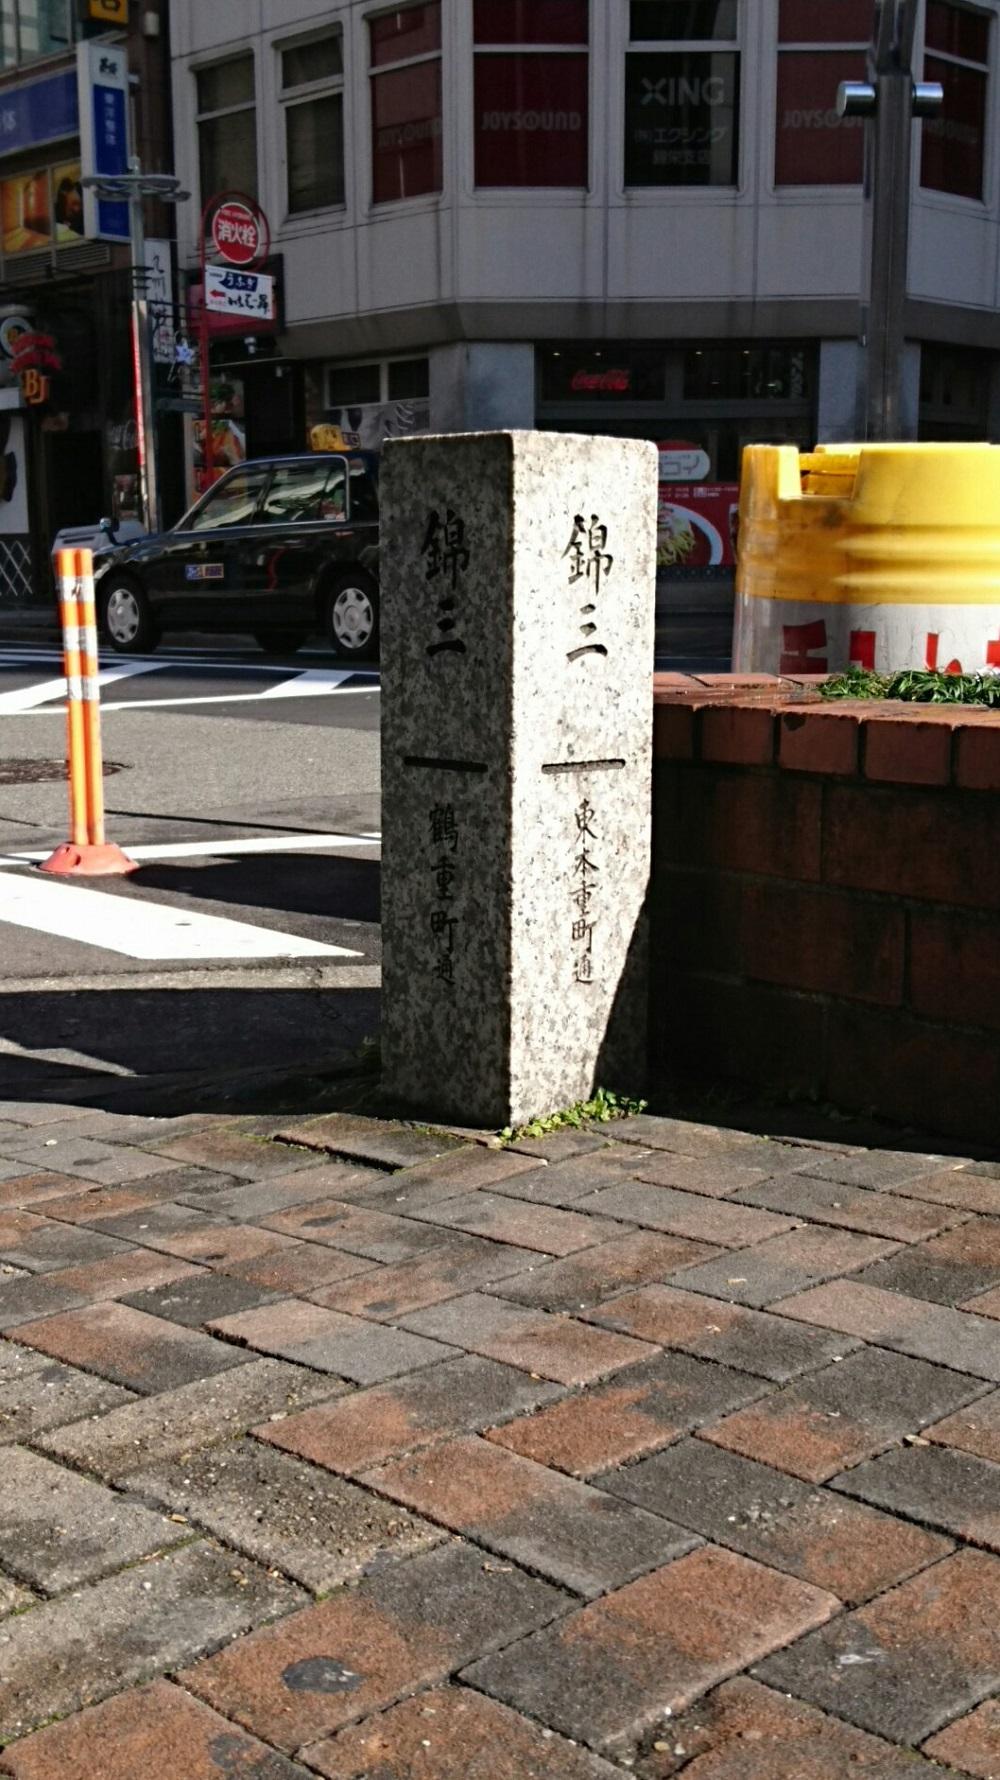 2017.12.28 犬山 (14) みちしるべ - 鶴重町どおり/東本重町どおり 1000-1780